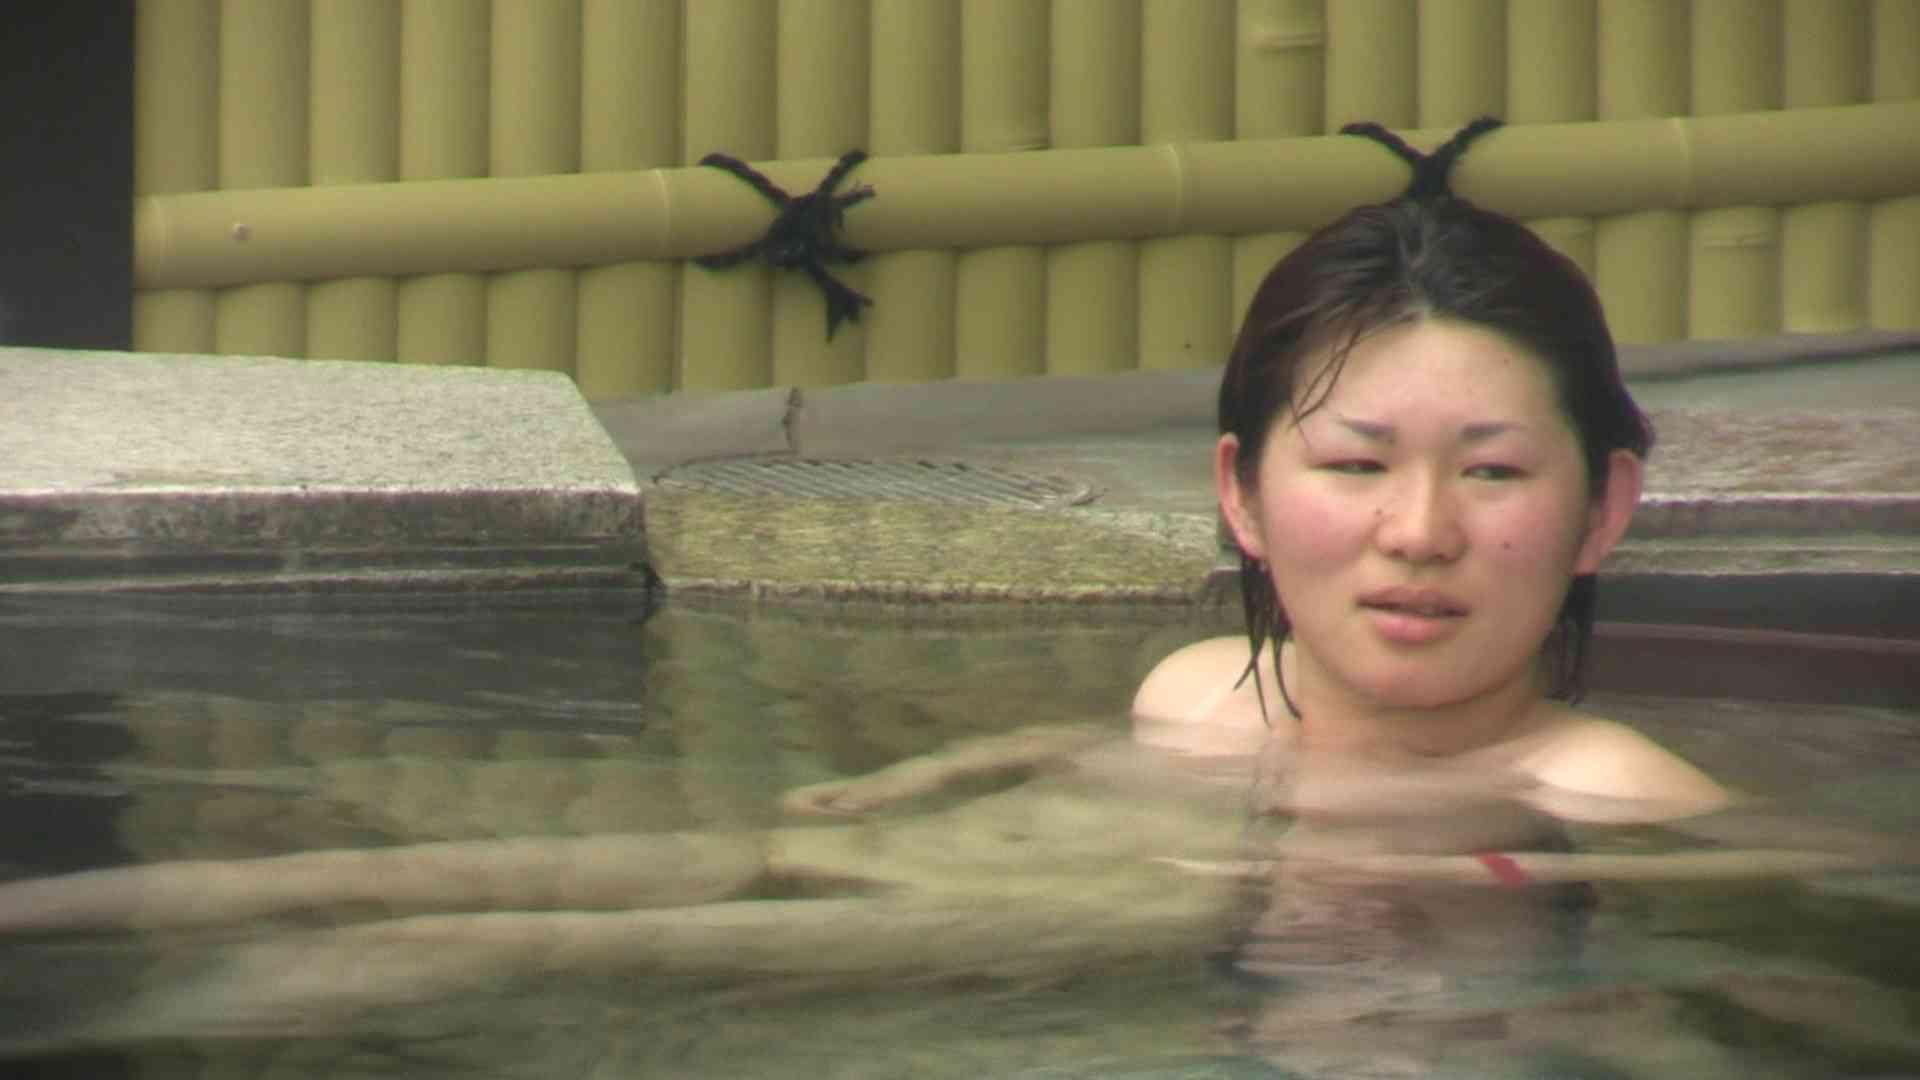 Aquaな露天風呂Vol.673 露天 盗み撮り動画キャプチャ 104PICs 86